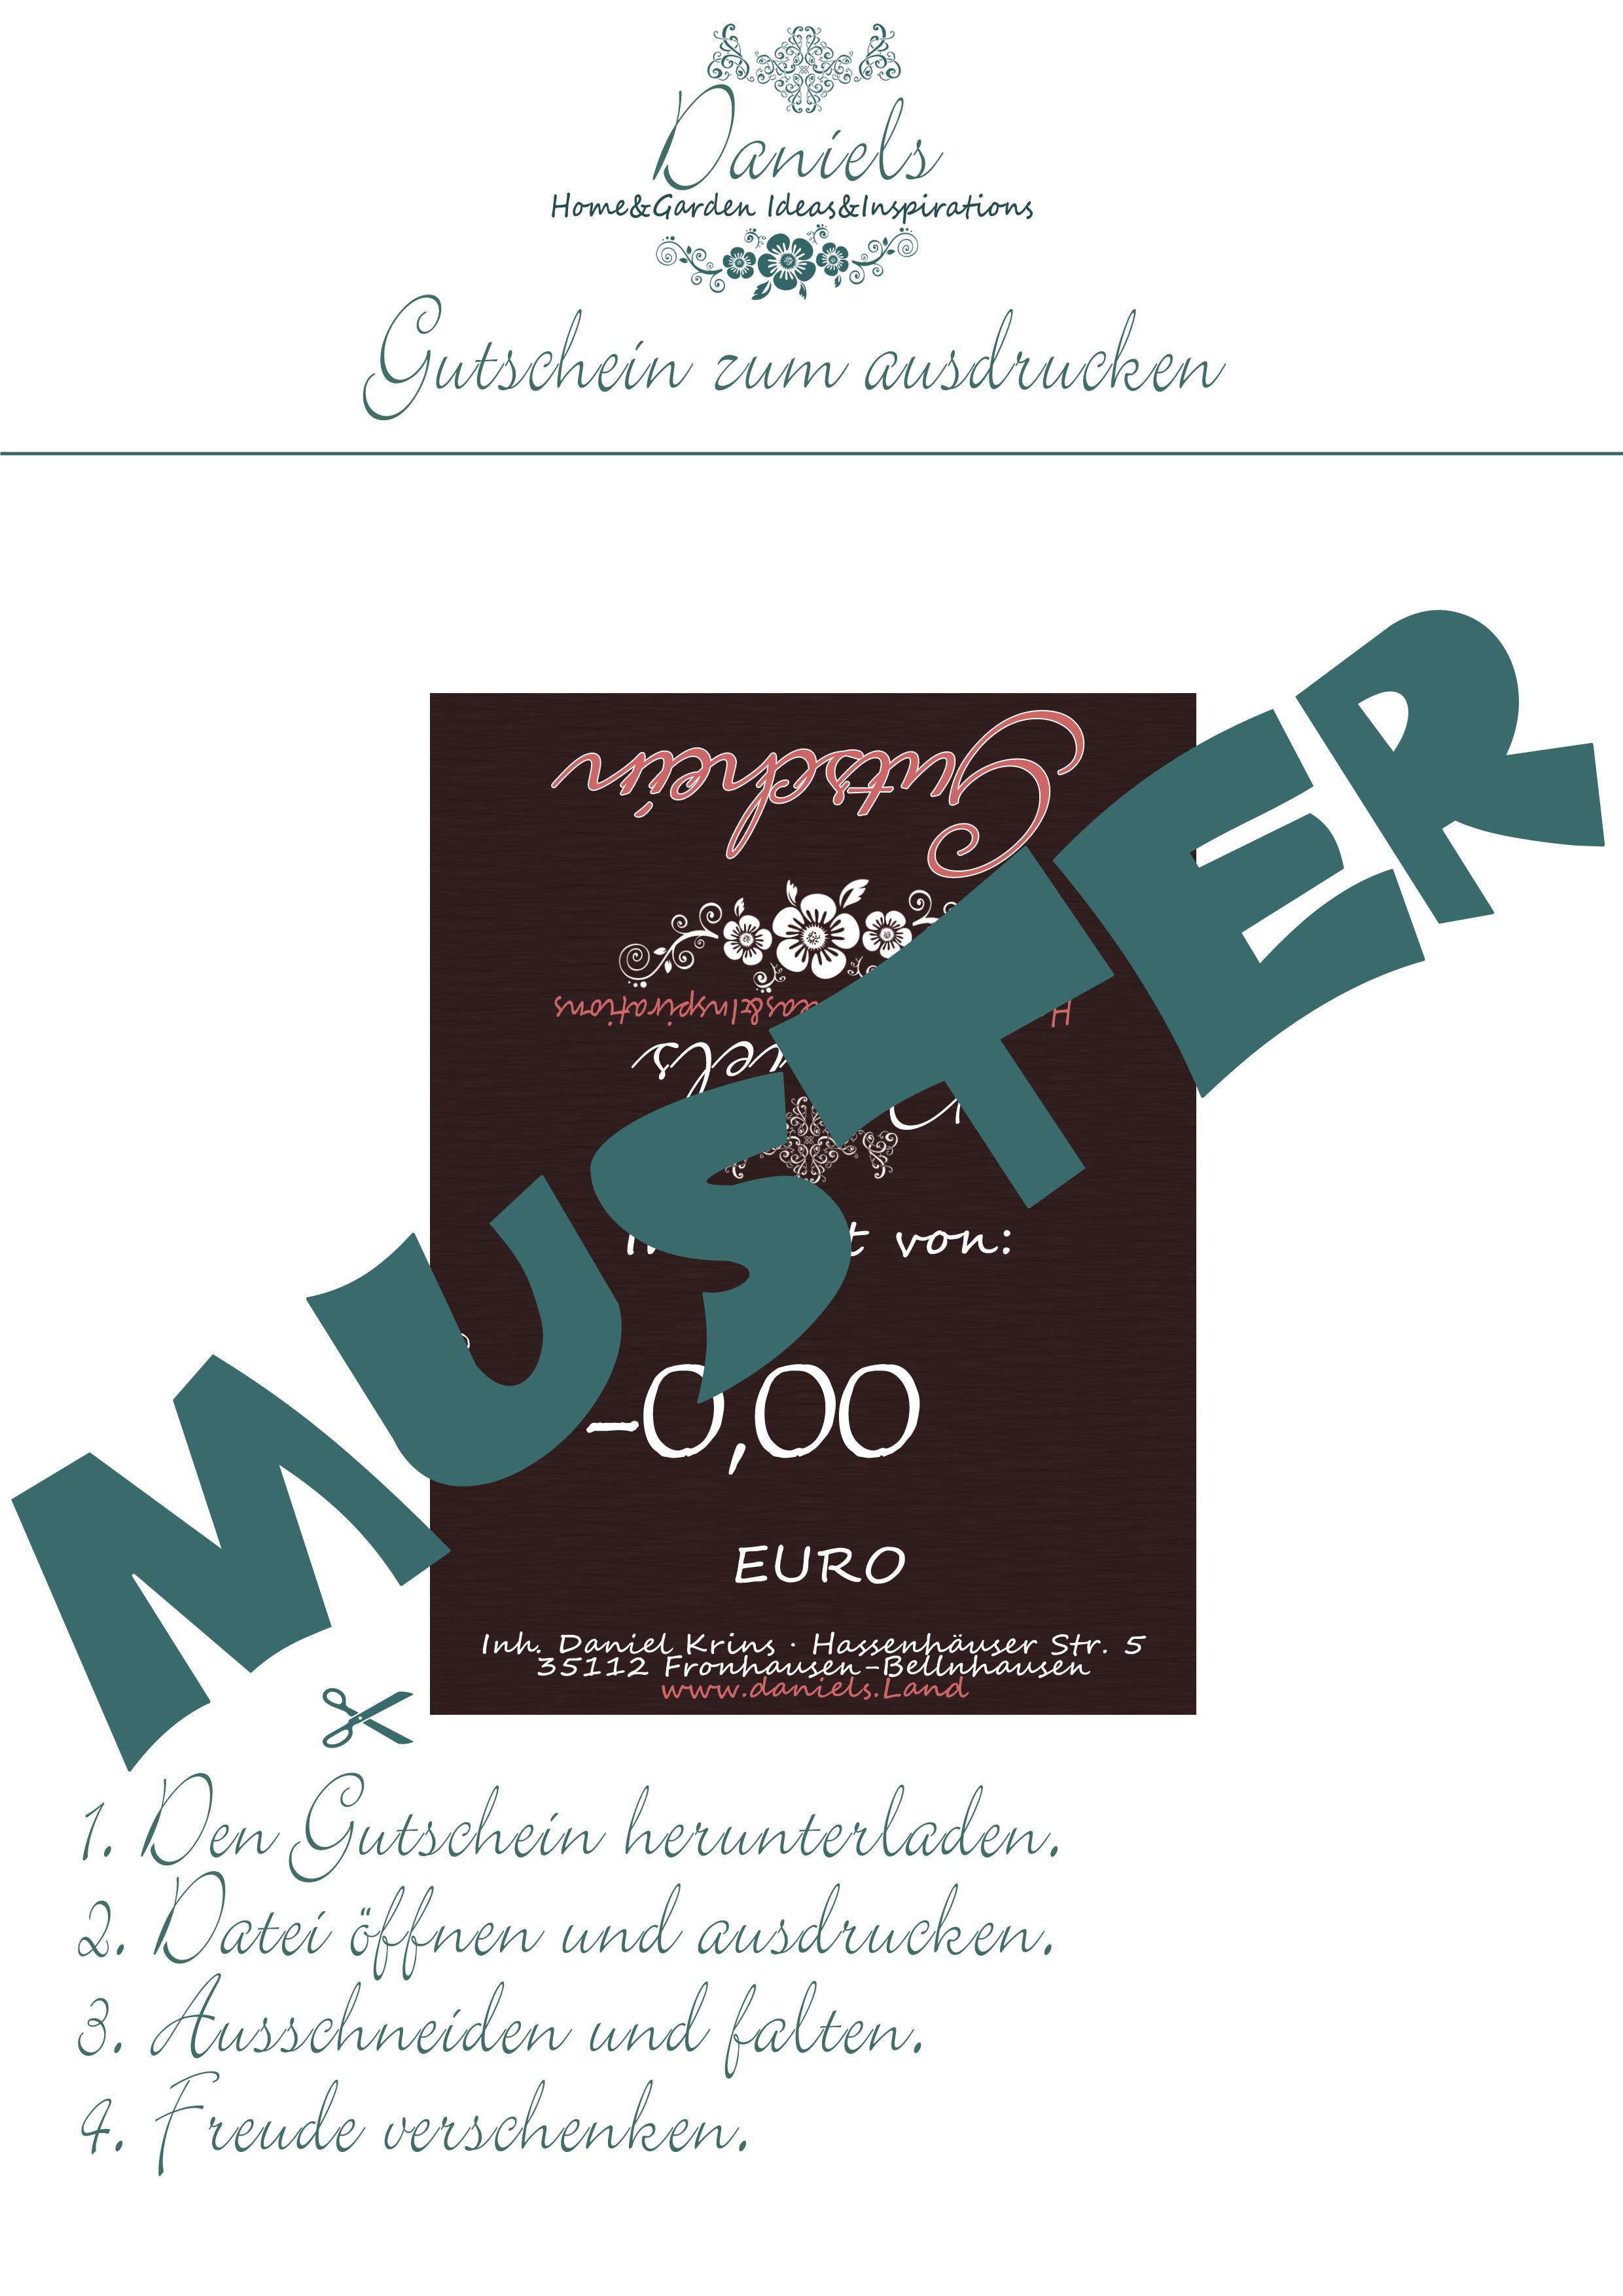 10€ Gutschein zum Ausdrucken